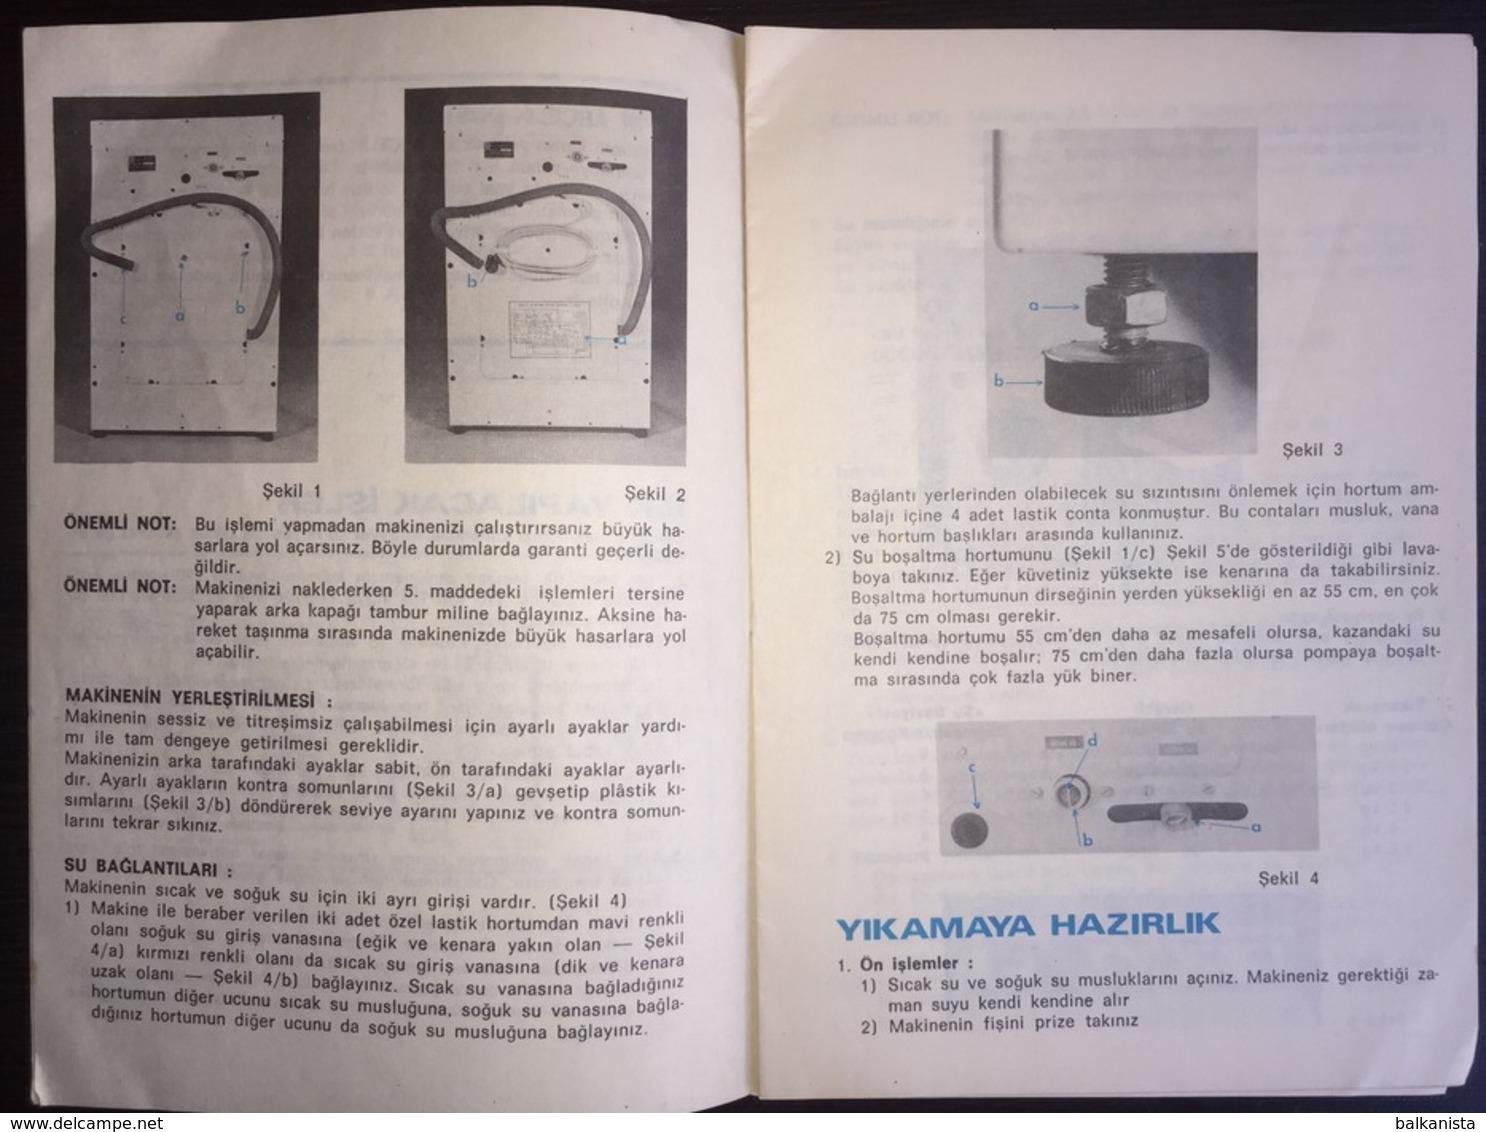 Turkey Arcelik Washing Machine Manuel - Other